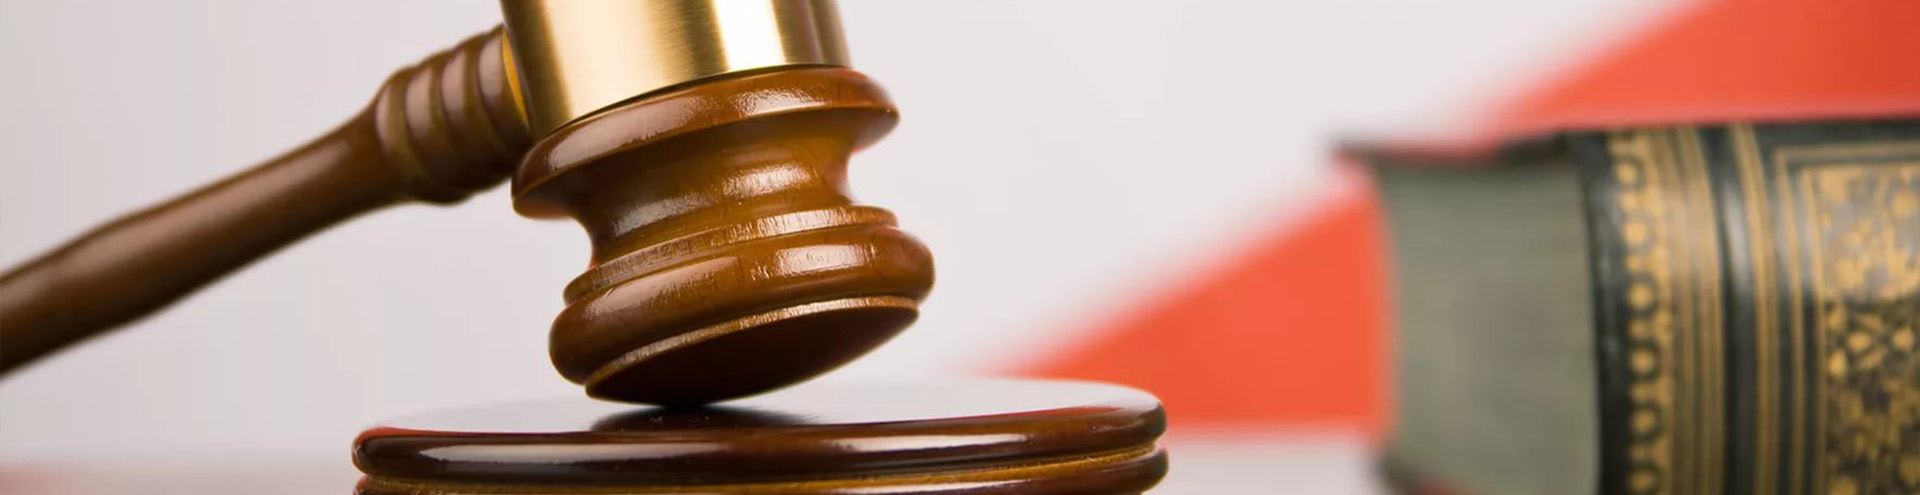 выдача судебного приказа в Нижнем Новгороде и Нижегородской области